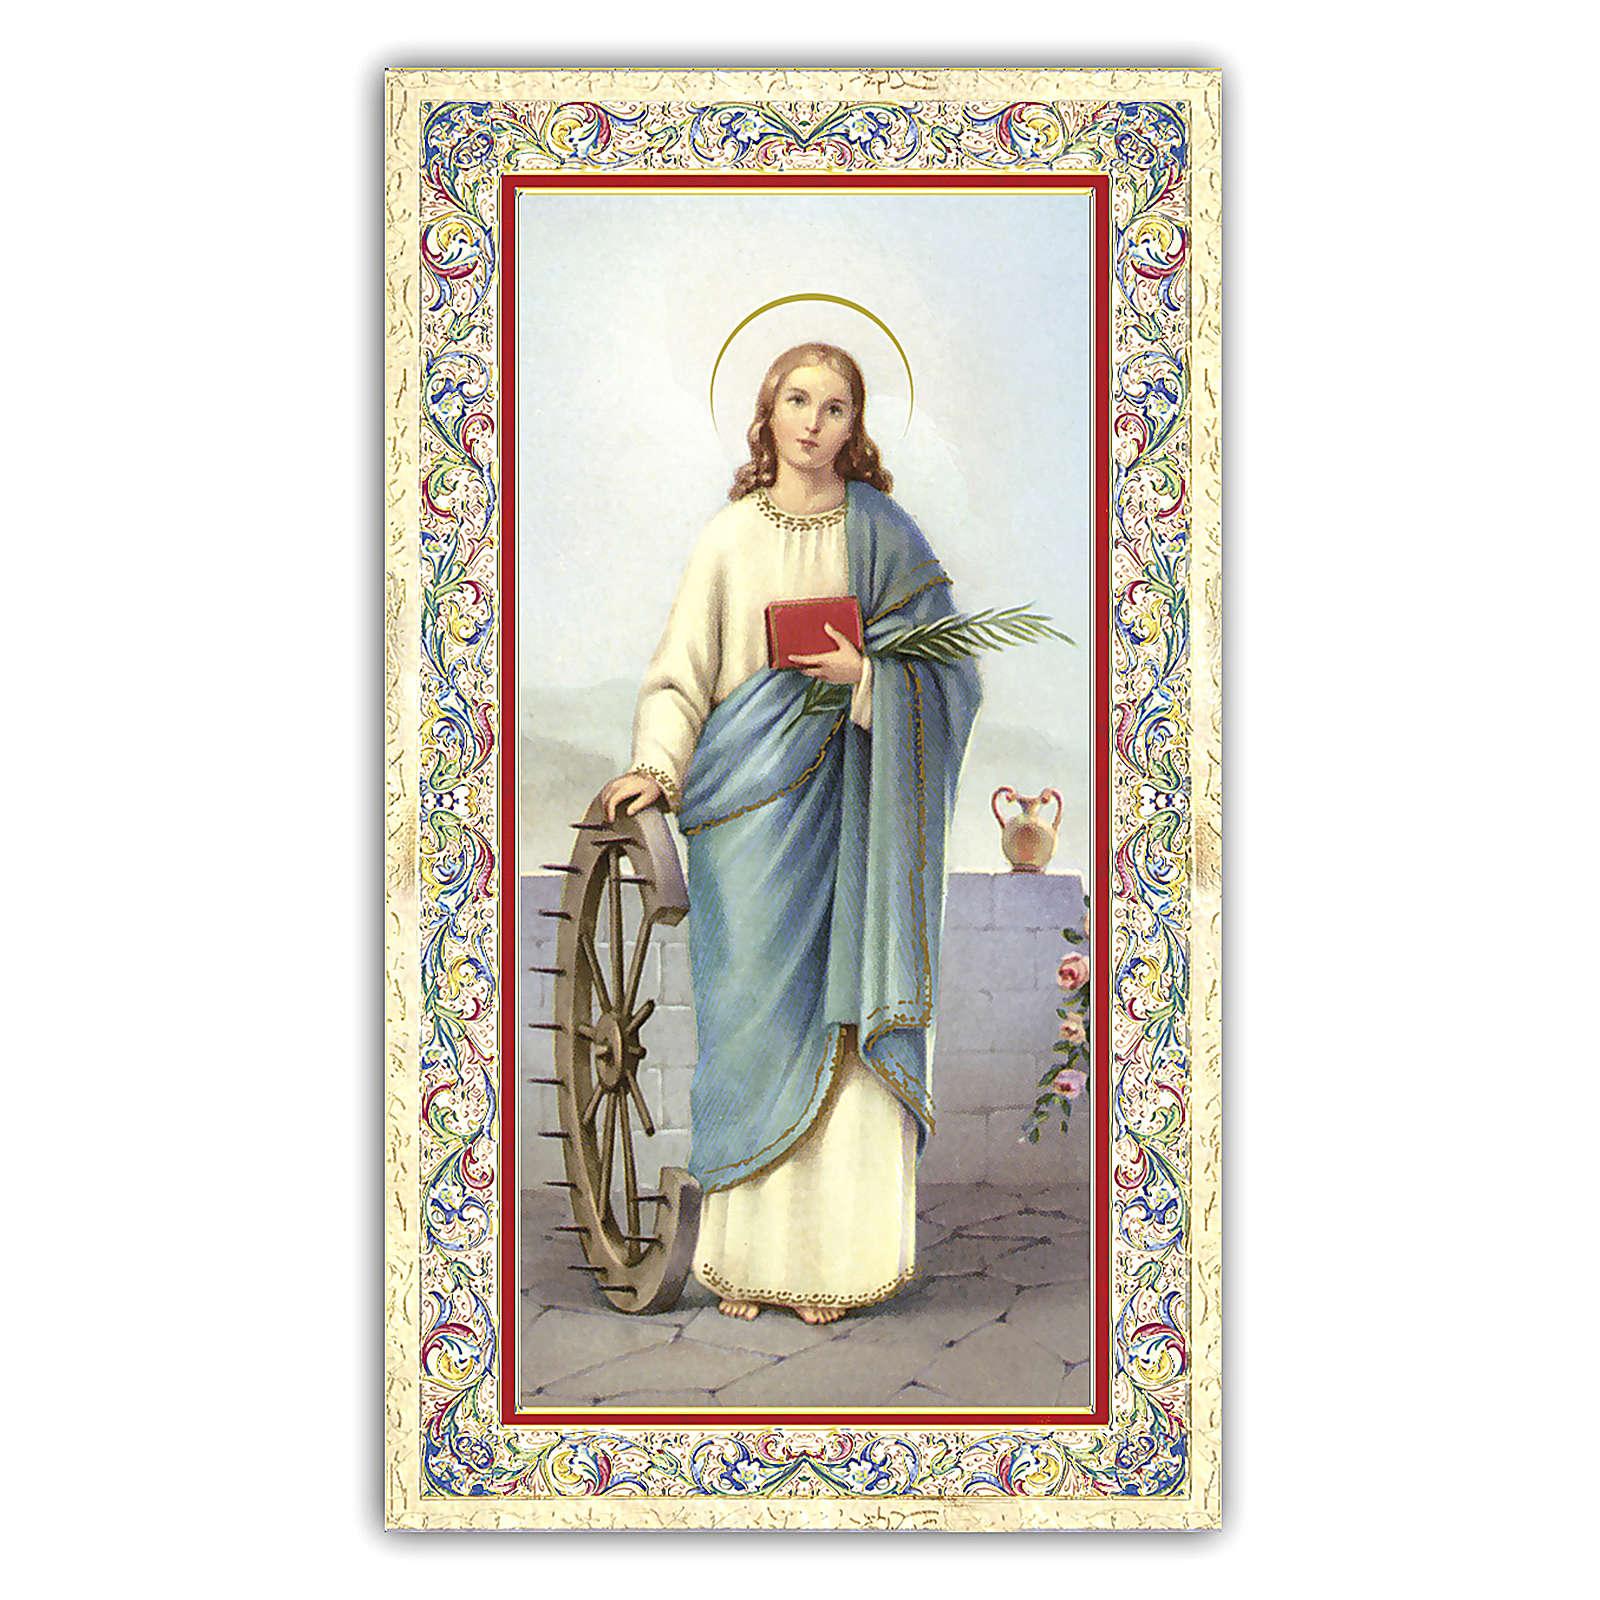 Santino Santa Caterina d'Alessandria 10x5 cm ITA 4